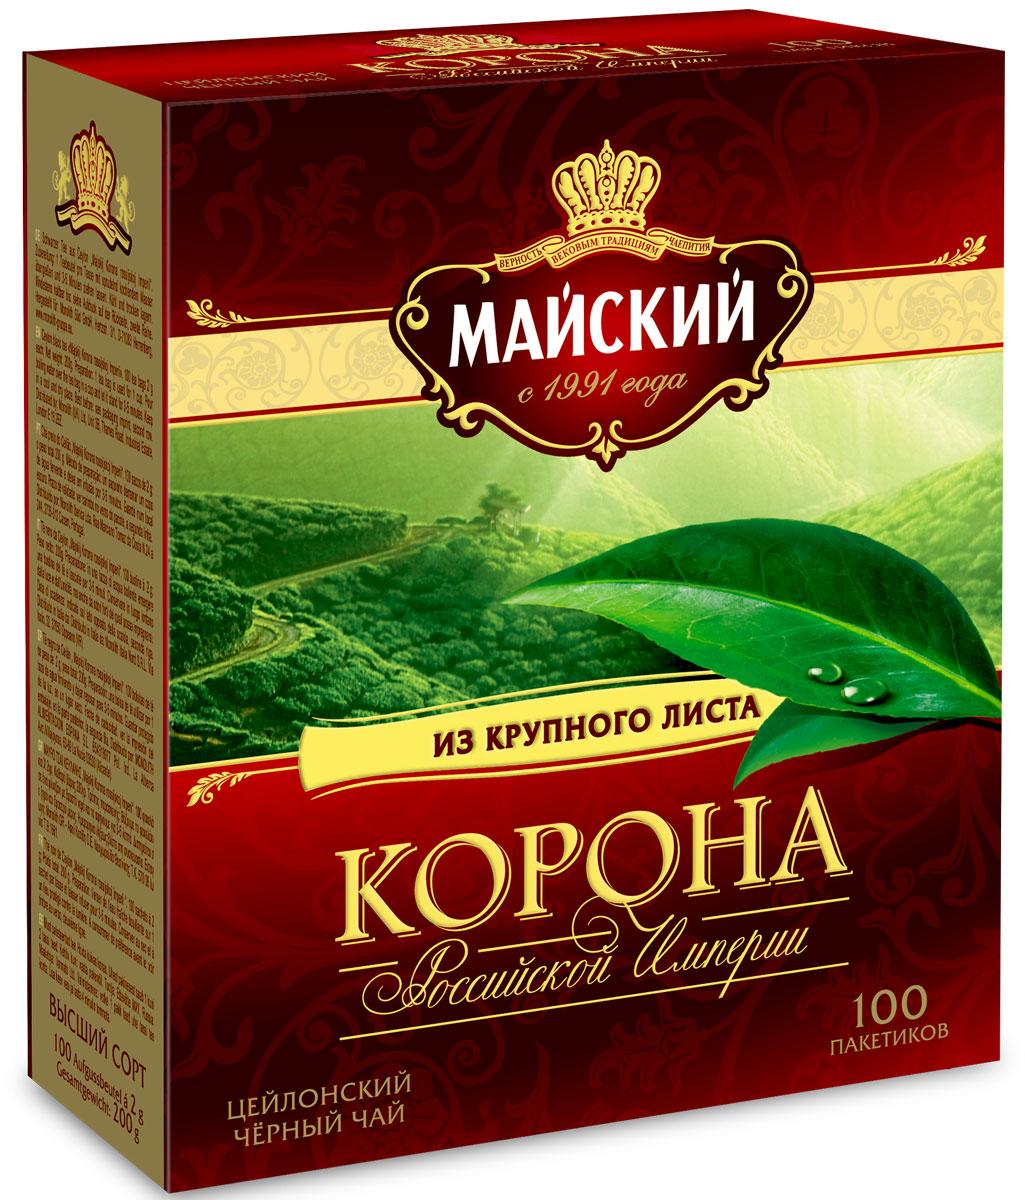 Майский Корона Российской Империи черный чай в пакетиках, 100 шт куплю дом в поселке майский белгородский район